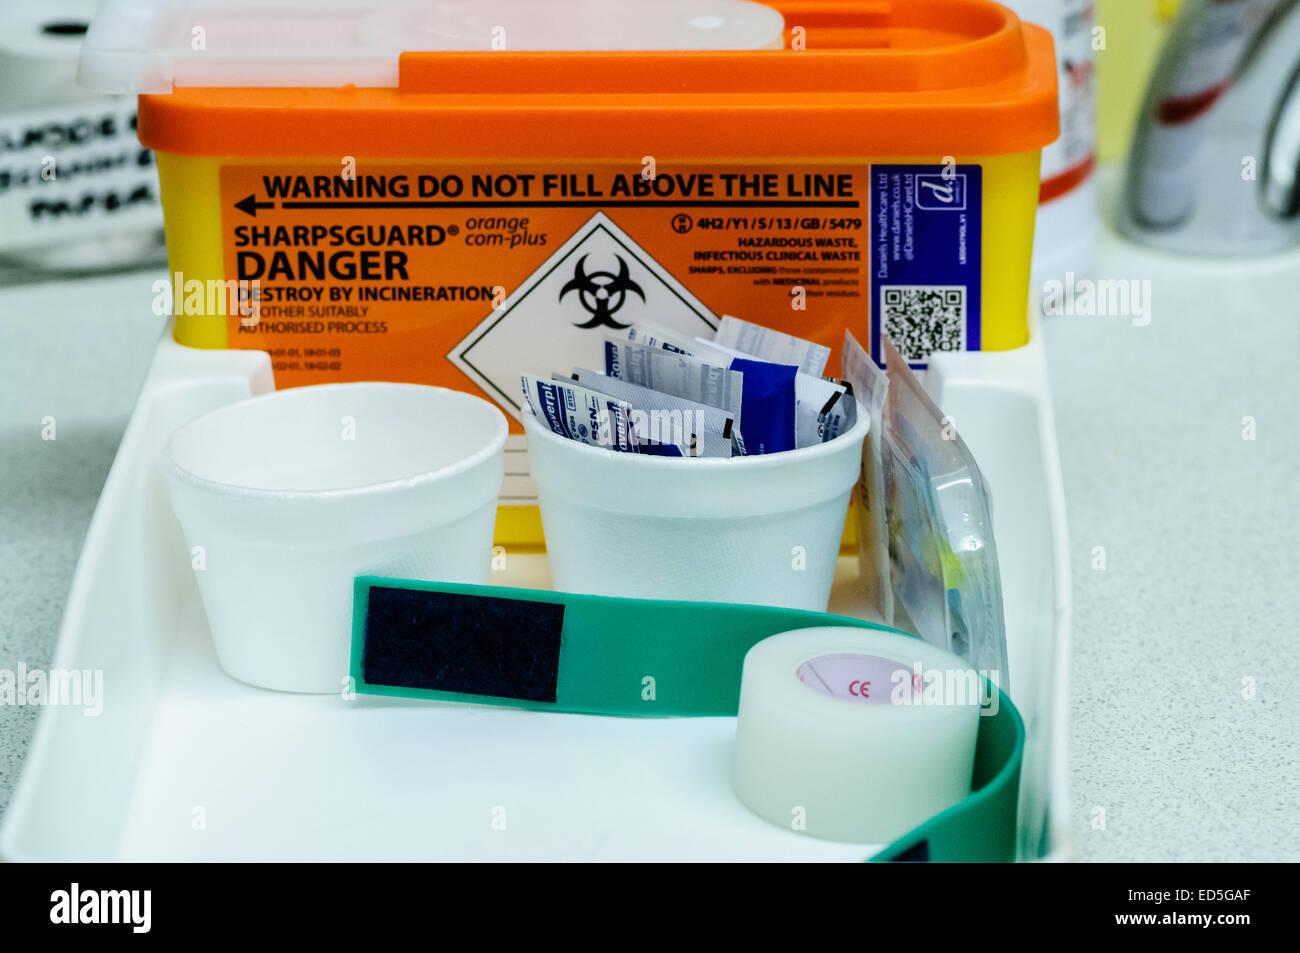 Bac pré-préparés pour la prise de sang ou l'administration de médicaments par voie intraveineuse Photo Stock